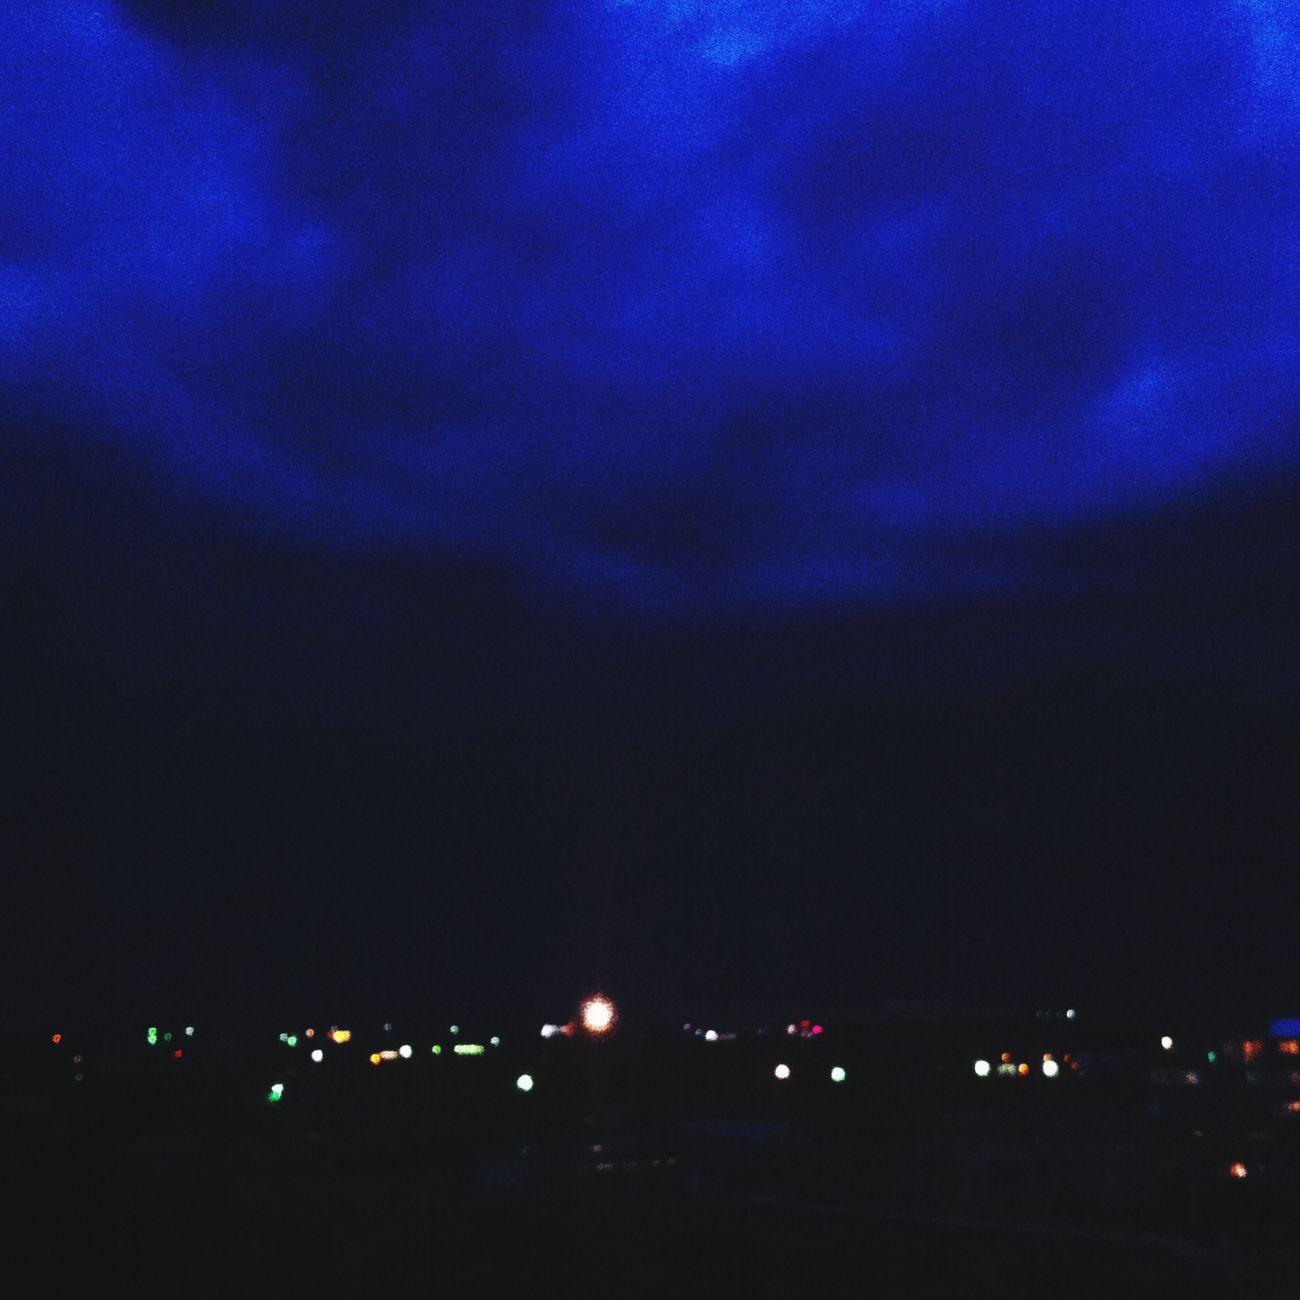 А сейчас небо синее-синее, в нем пасутся овечки облаков, сделанные из сахороной ваты.:) сладкая вата